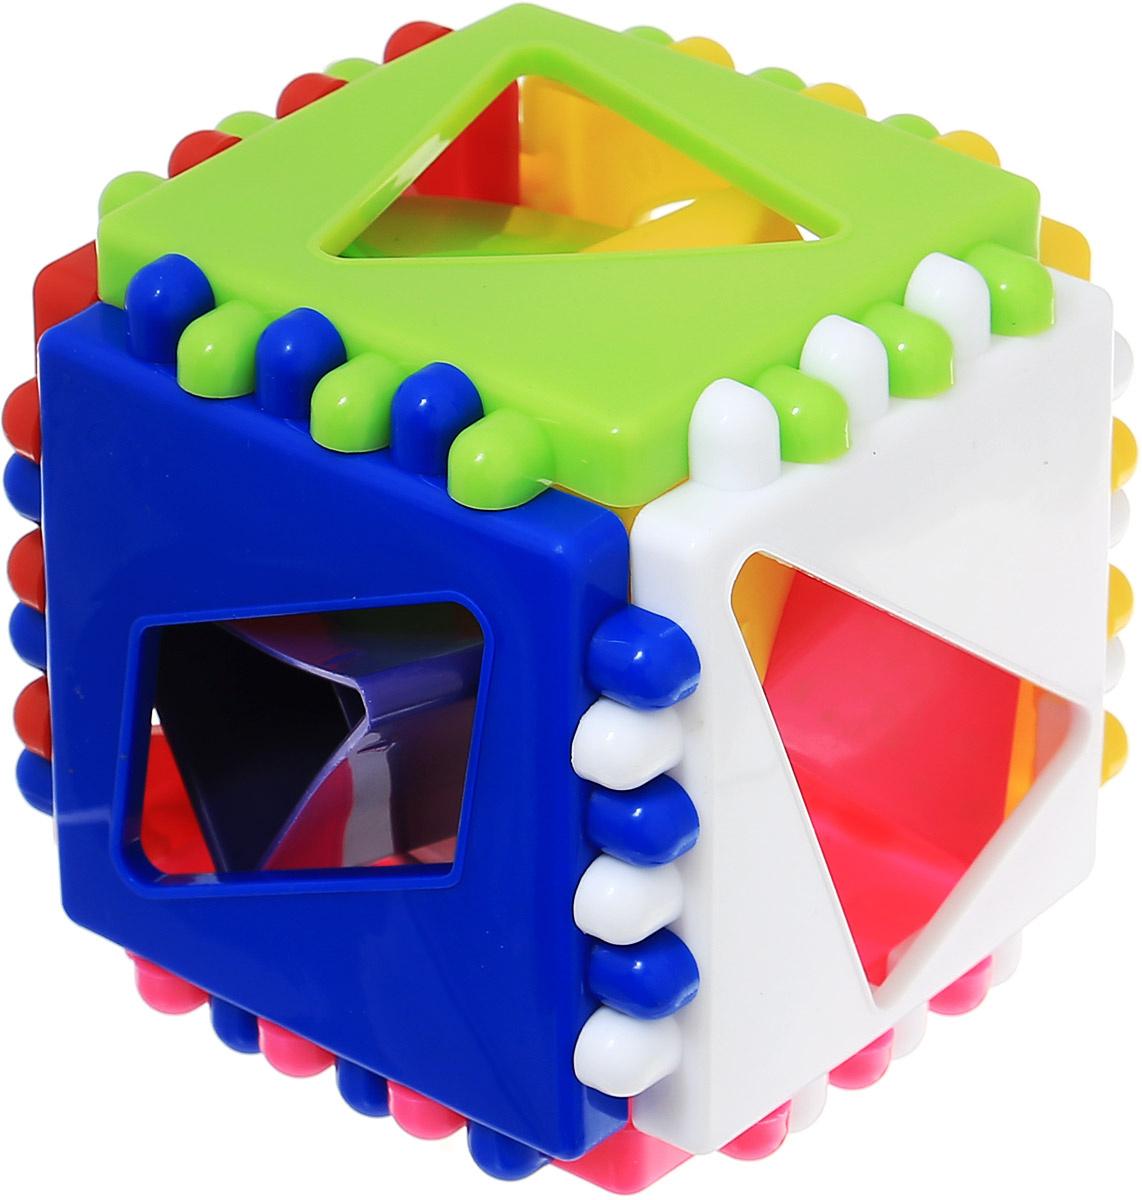 Развивающая игра-сортер Stellar Логический кубик, арт. 01314 #1